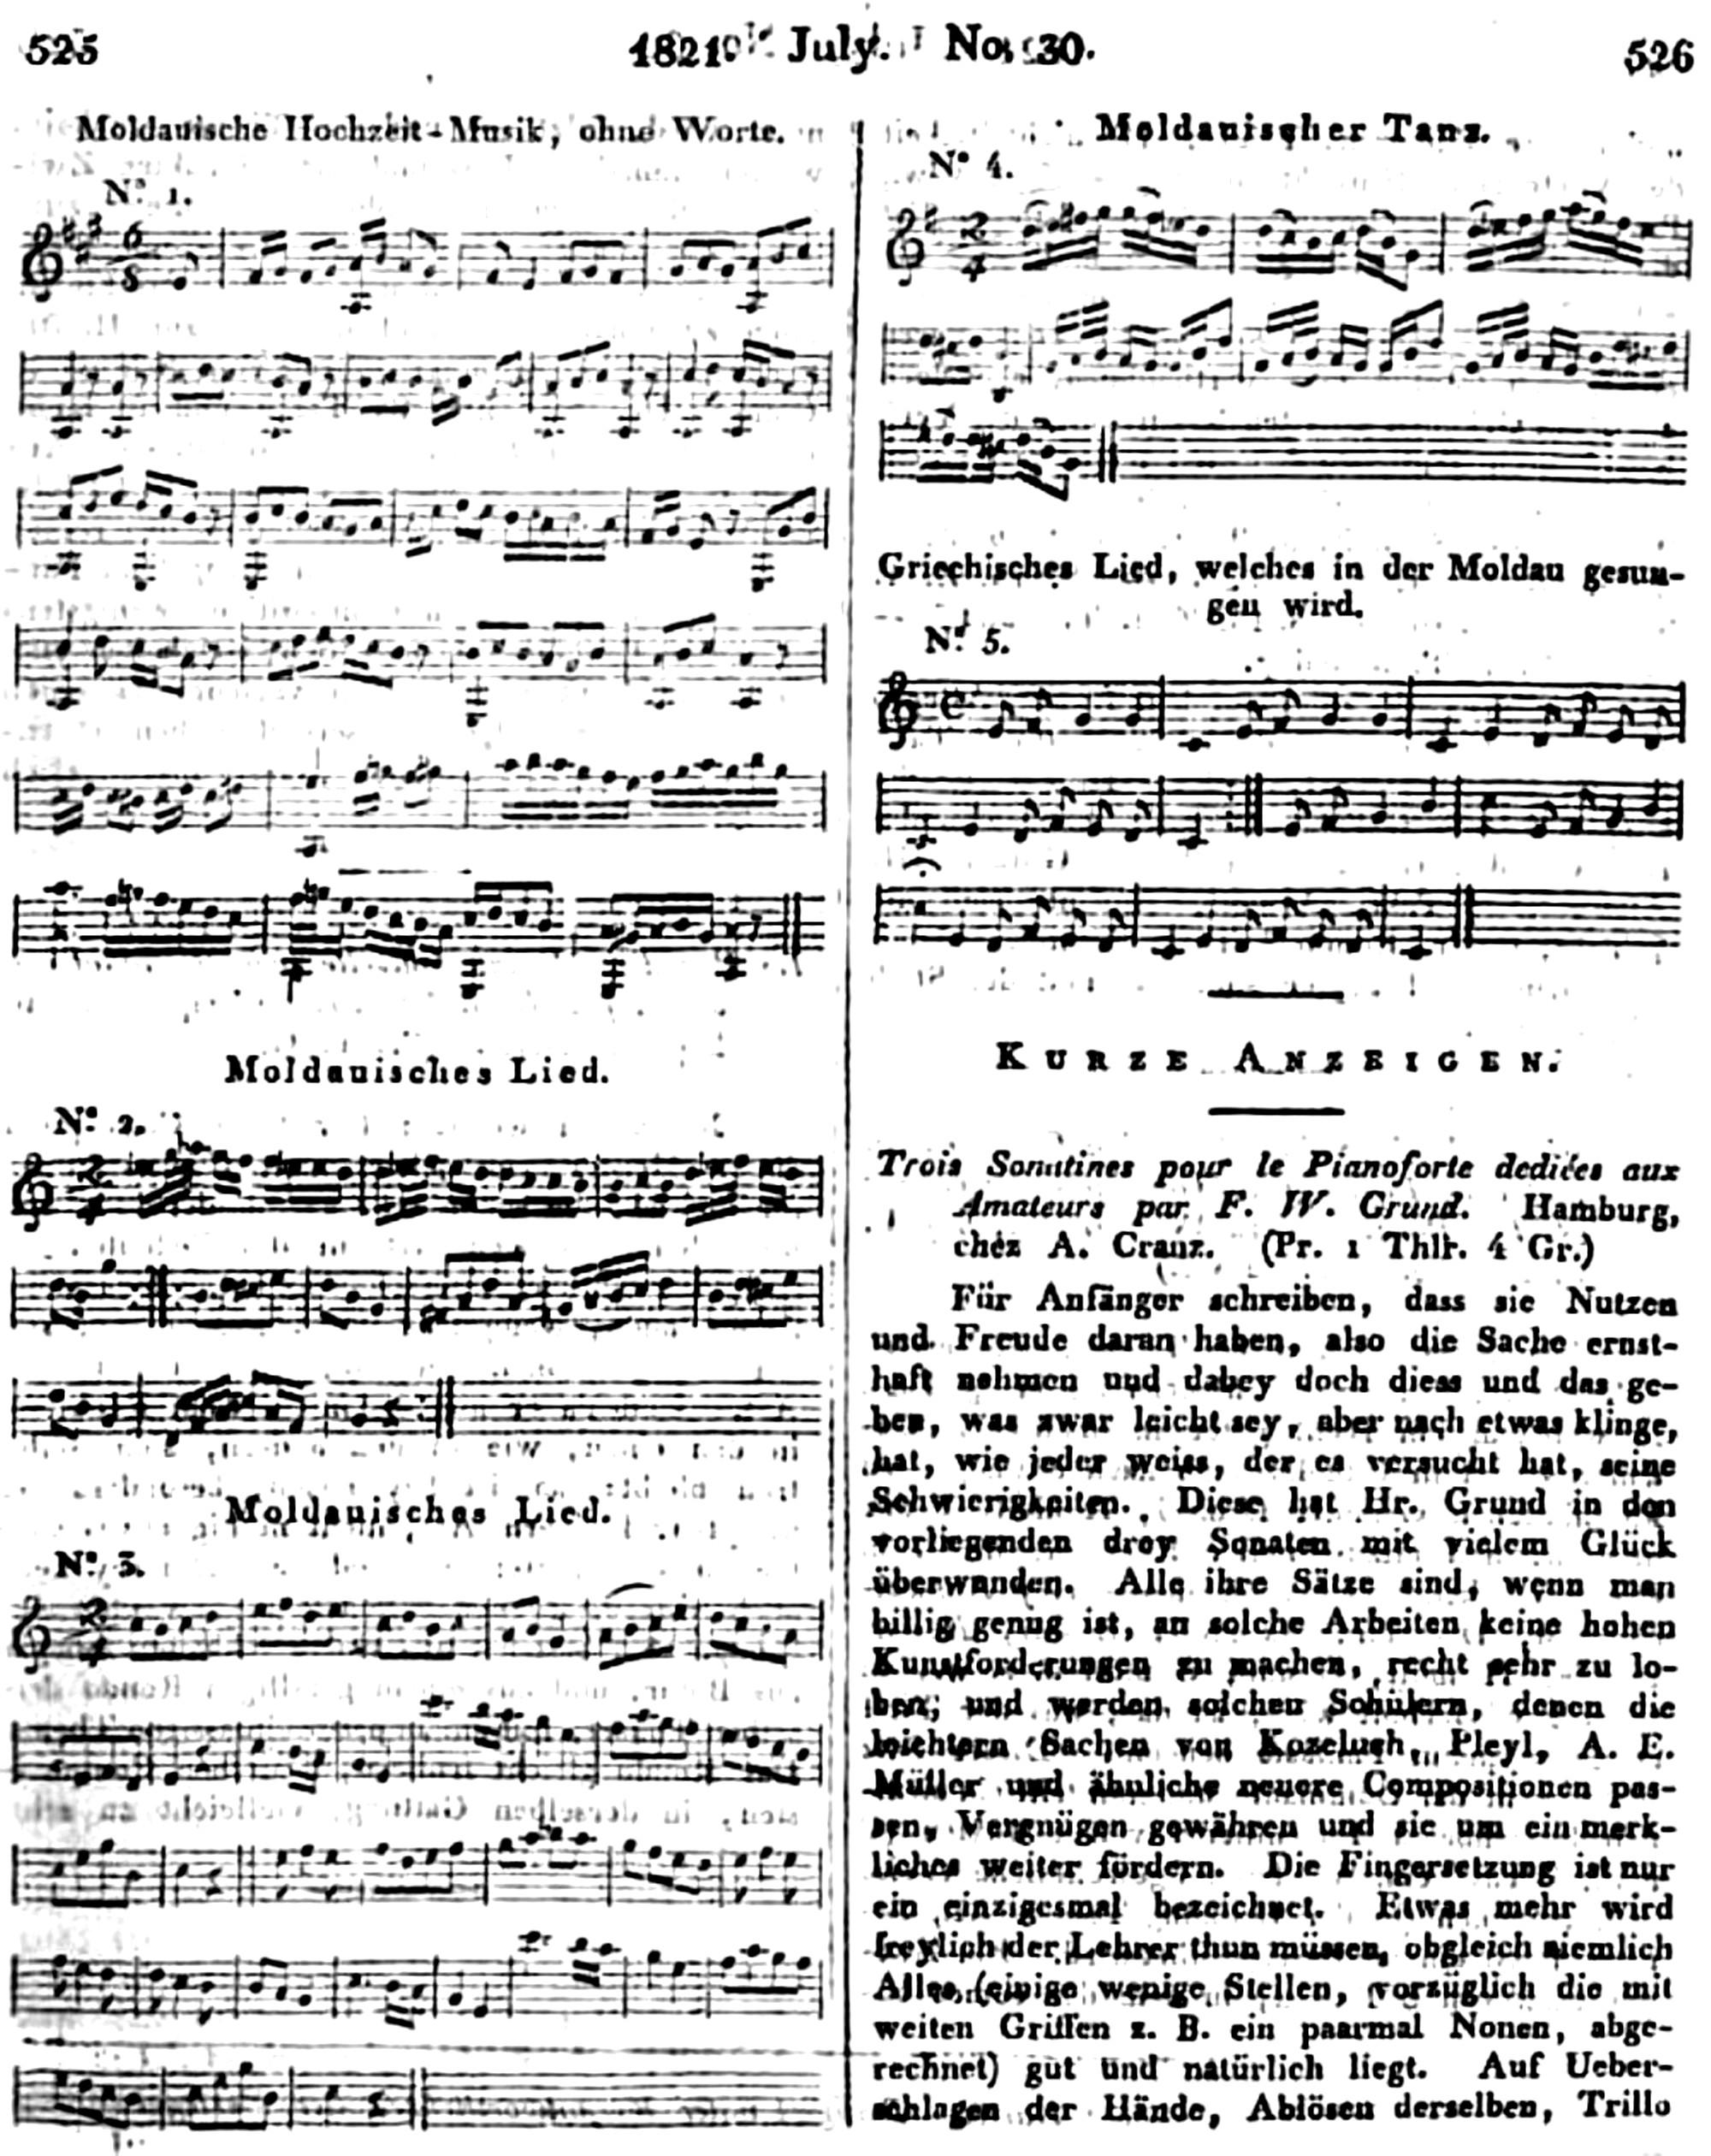 1821 moldoveni